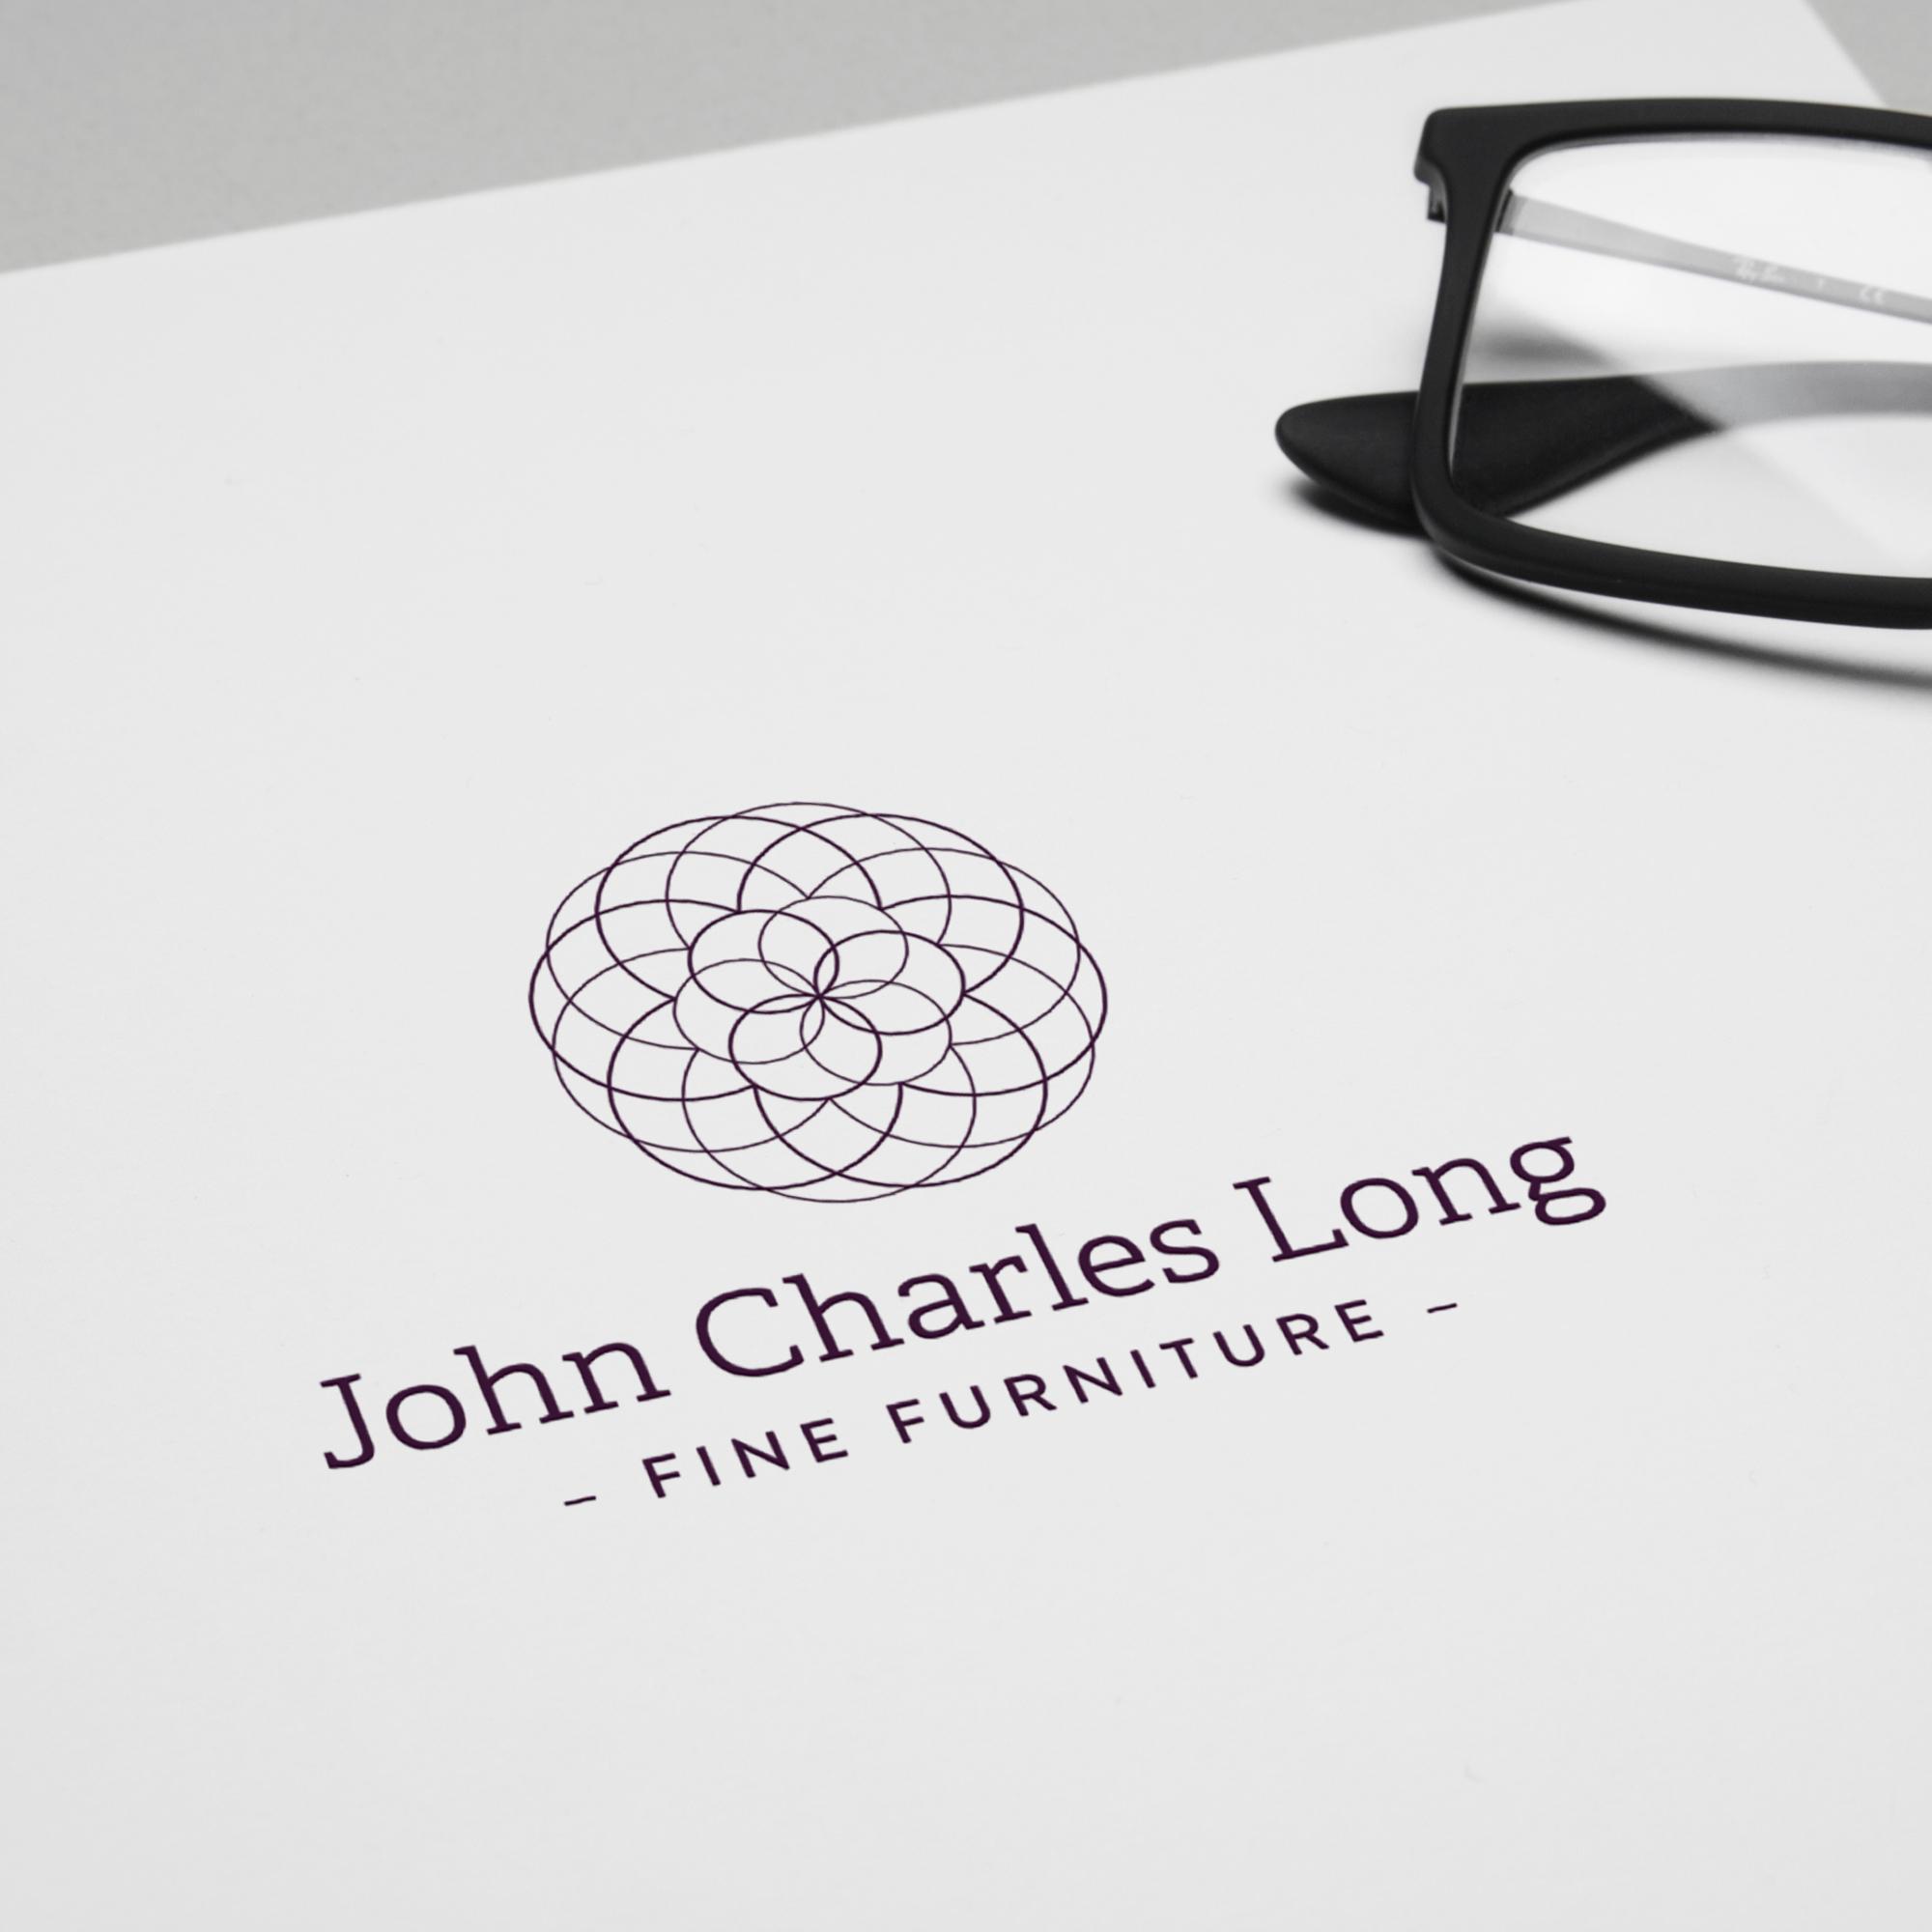 Logo design for John Charles Long